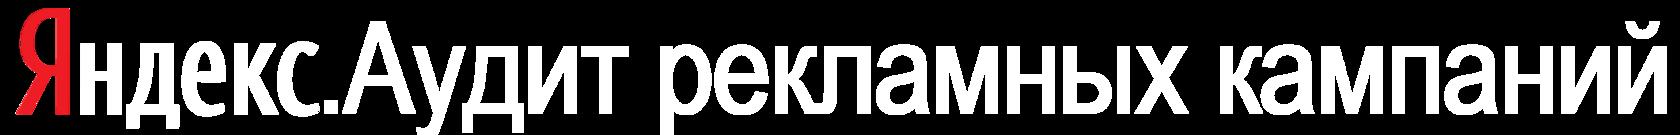 Яндекс.Аудит